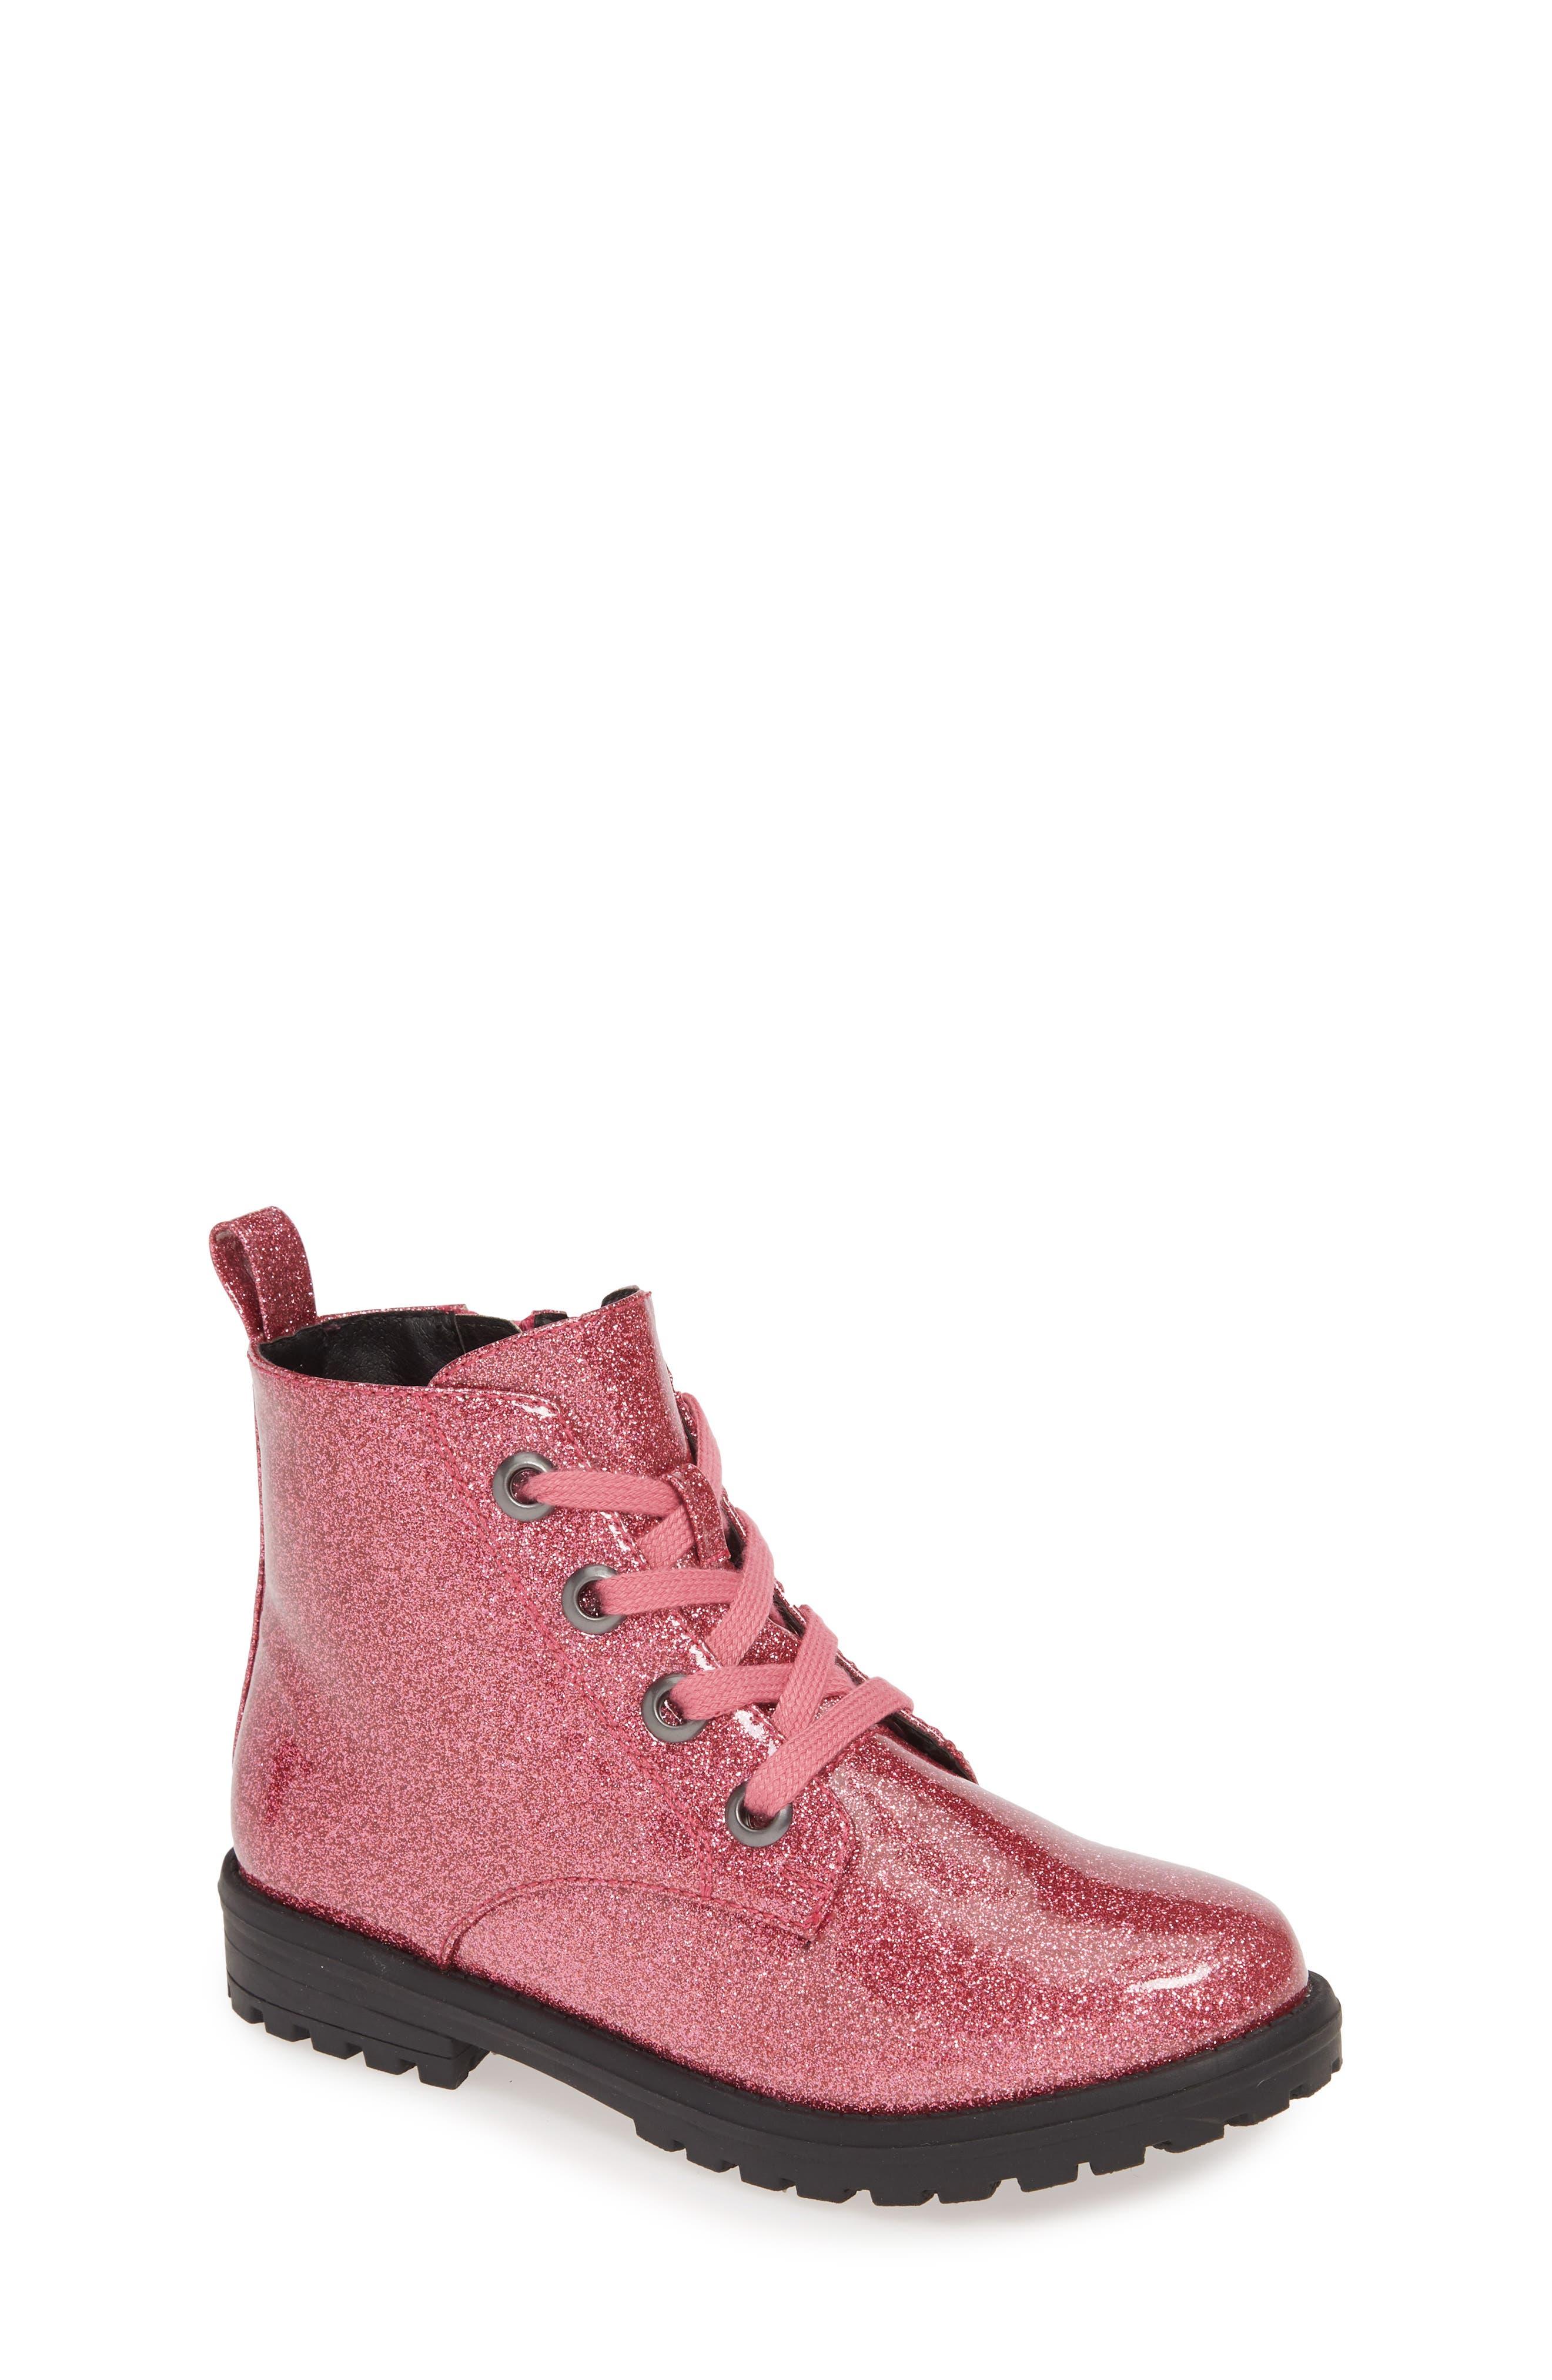 Toddler Girls Tucker  Tate Maisie Glitter Bootie Size 9 M  Pink